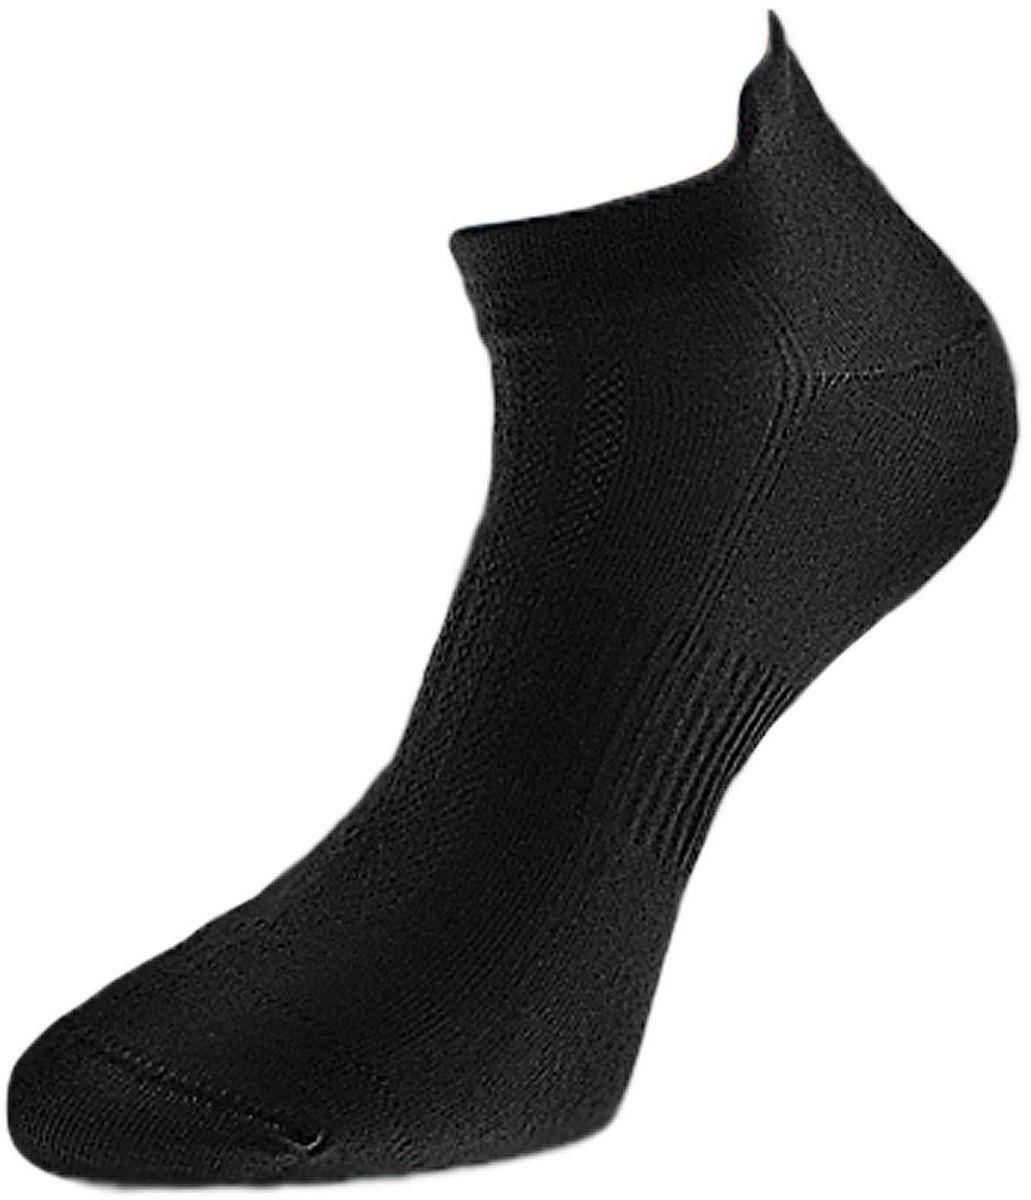 Носки мужские Гранд, цвет: черный, 2 пары. ZCL109. Размер 27/29ZCL109Мужские укороченные носки Гранд выполнены из хлопка, для занятий спортом. Основа материала - высококачественный хлопок. Носки хорошо держат форму и обладают повышенной воздухопроницаемостью, не линяют после многочисленных стирок, имеют укороченную высоту паголенка и усиленные пятку и мысок для повышенной износостойкости. Резинка вокруг стопы обеспечивает дополнительную фиксацию. Функция отвода влаги позволяет сохранить ноги сухими. Носки произведены по европейским стандартам на современных итальянских вязальных автоматах Busi Giovanni.